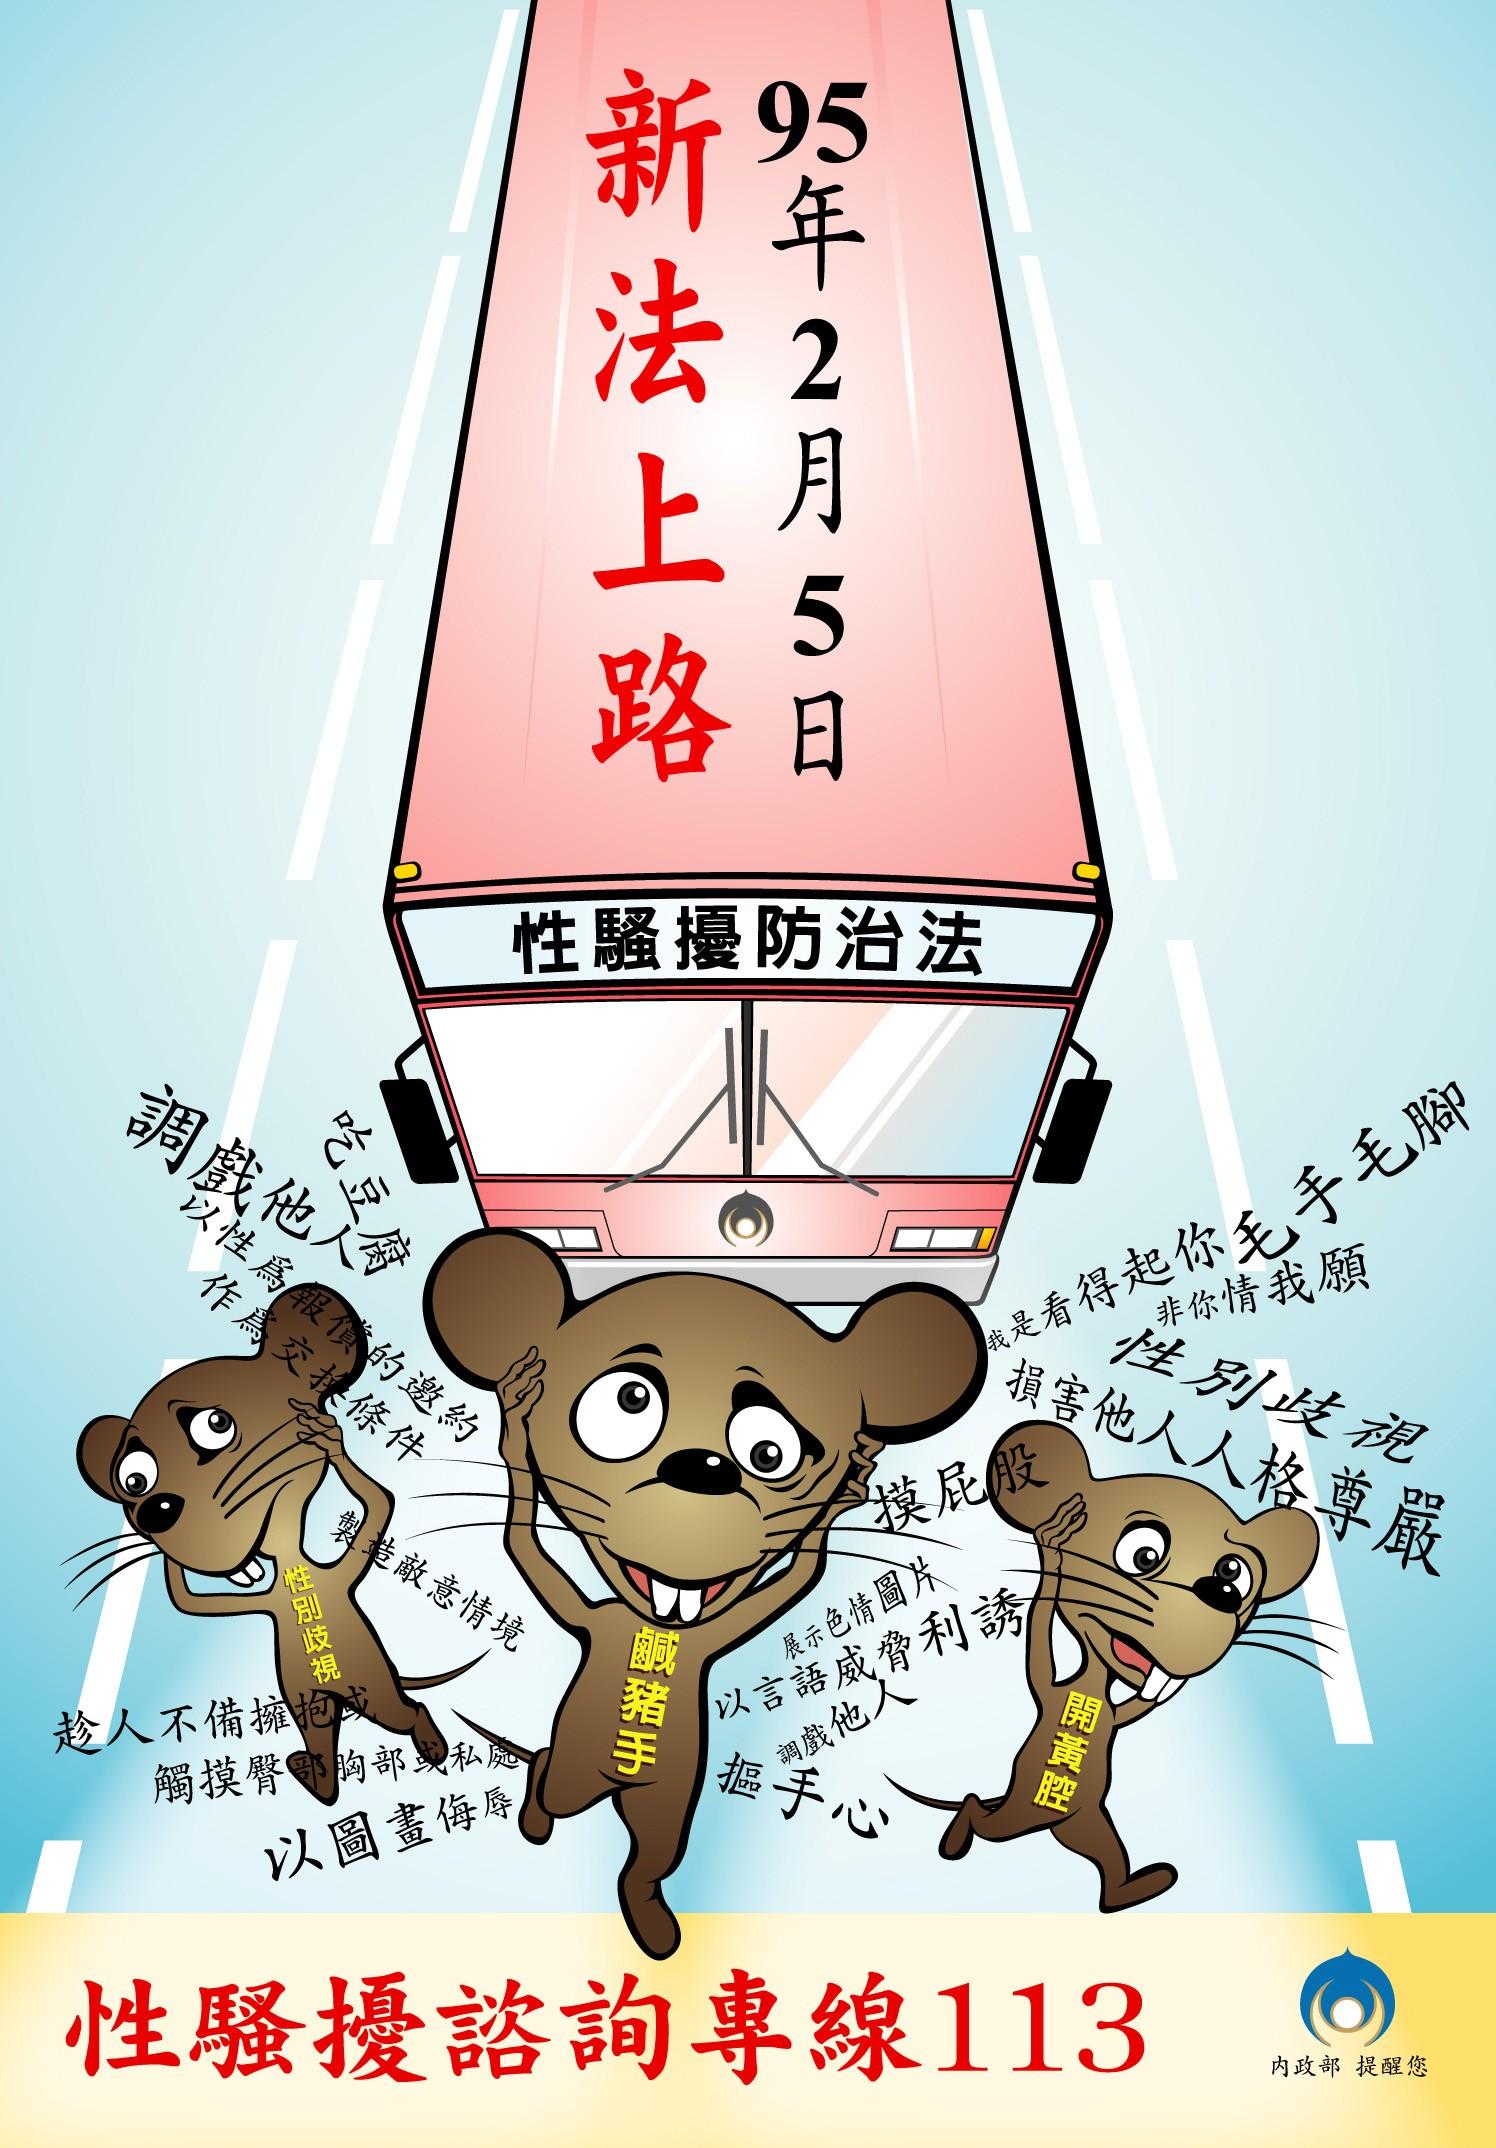 內政部宣傳文宣「性騷擾防治法新法上路」海報